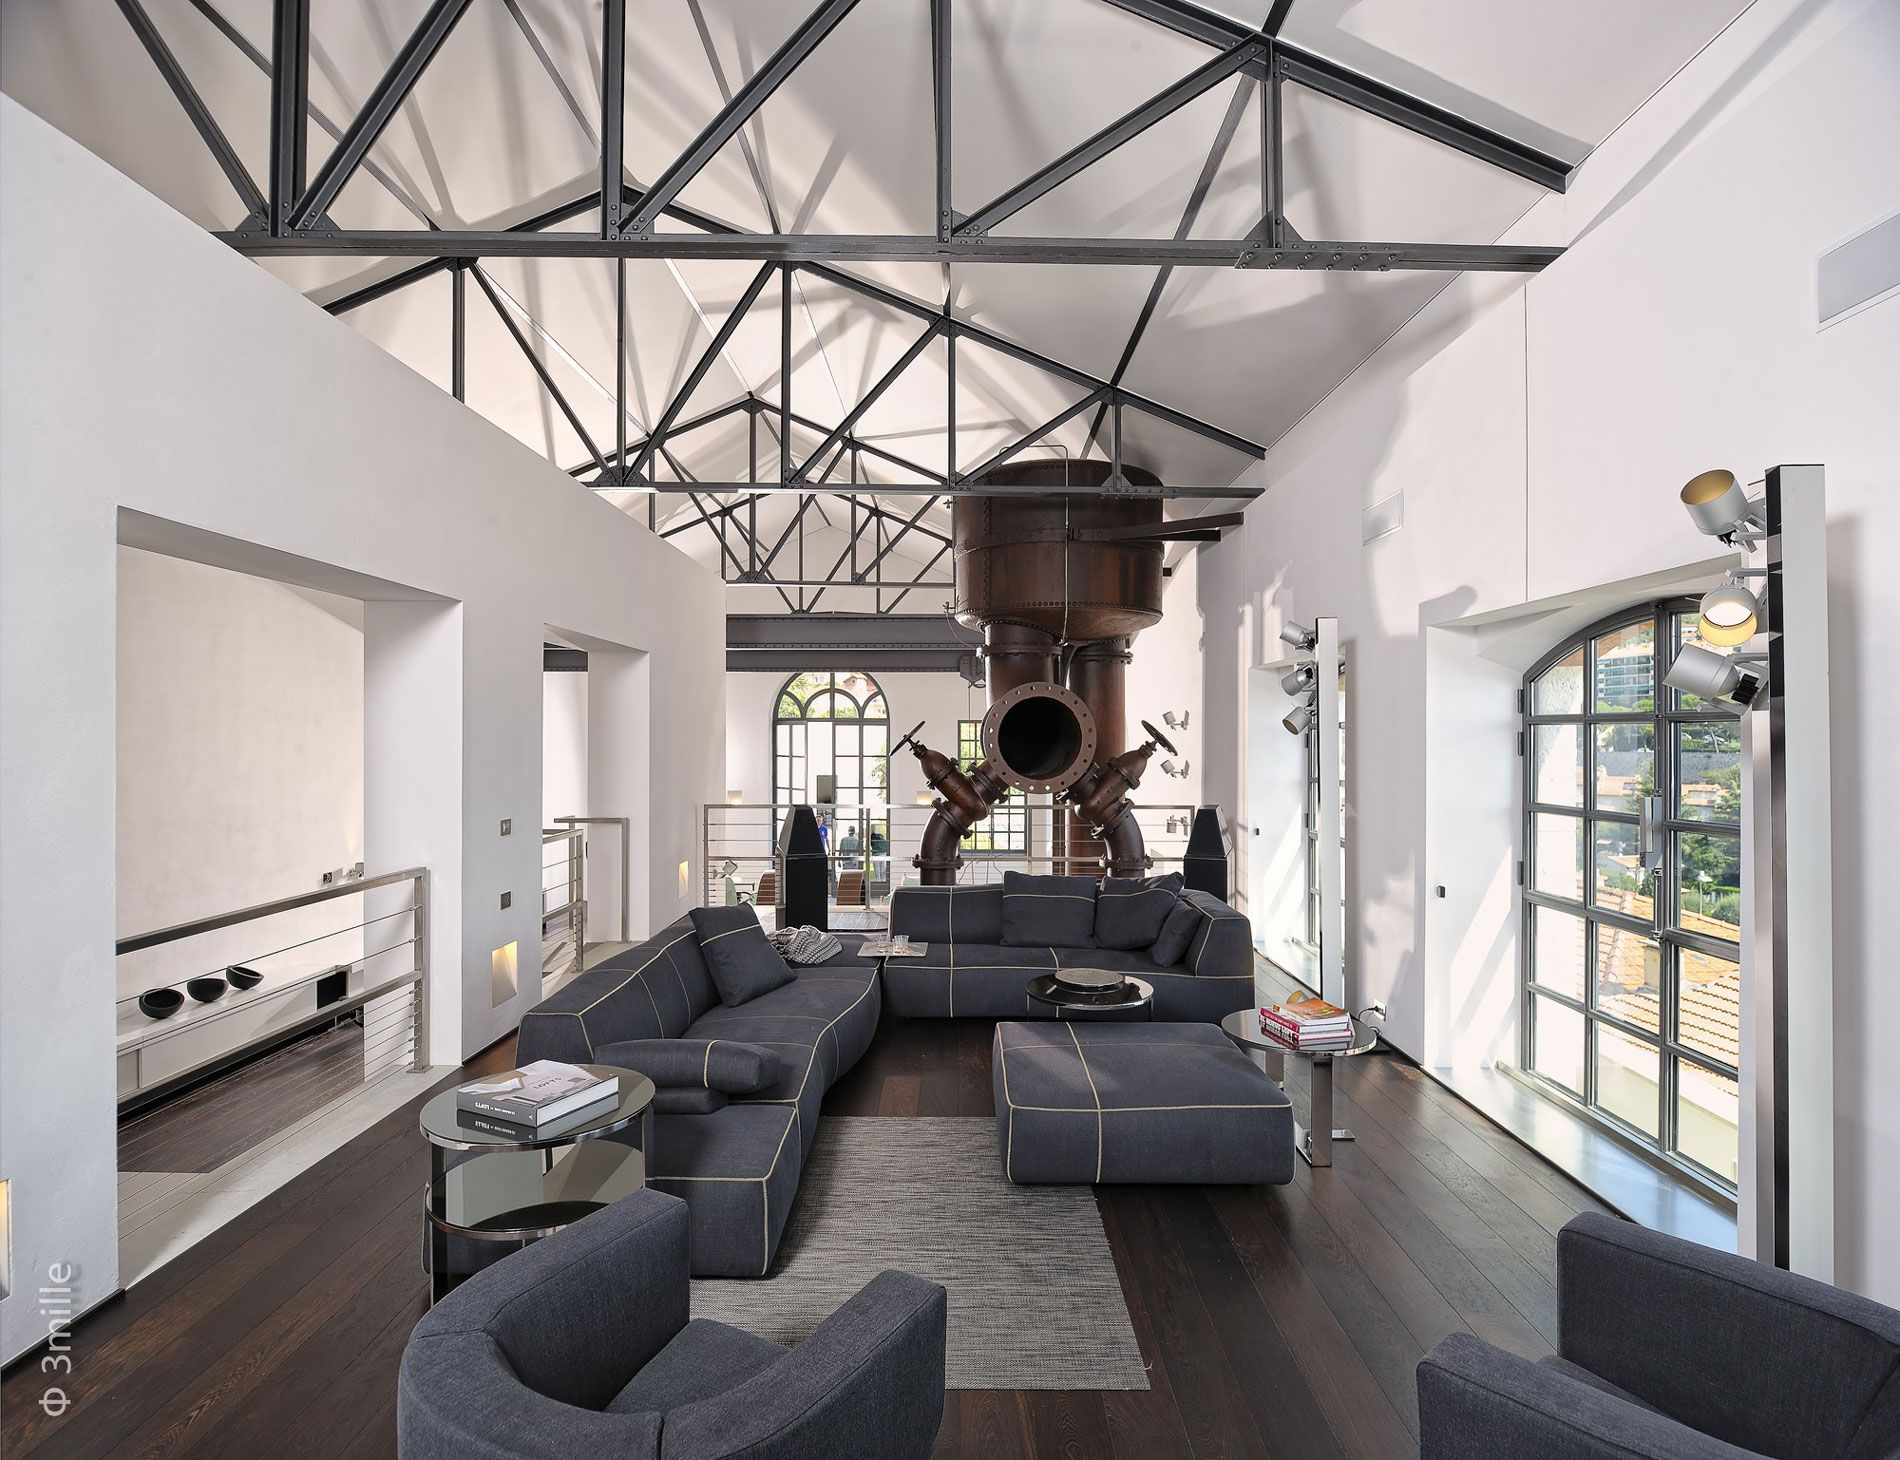 70 moderne innovative luxus interieur ideen frs wohnzimmer extravagant design wohnzimmer graue moebel